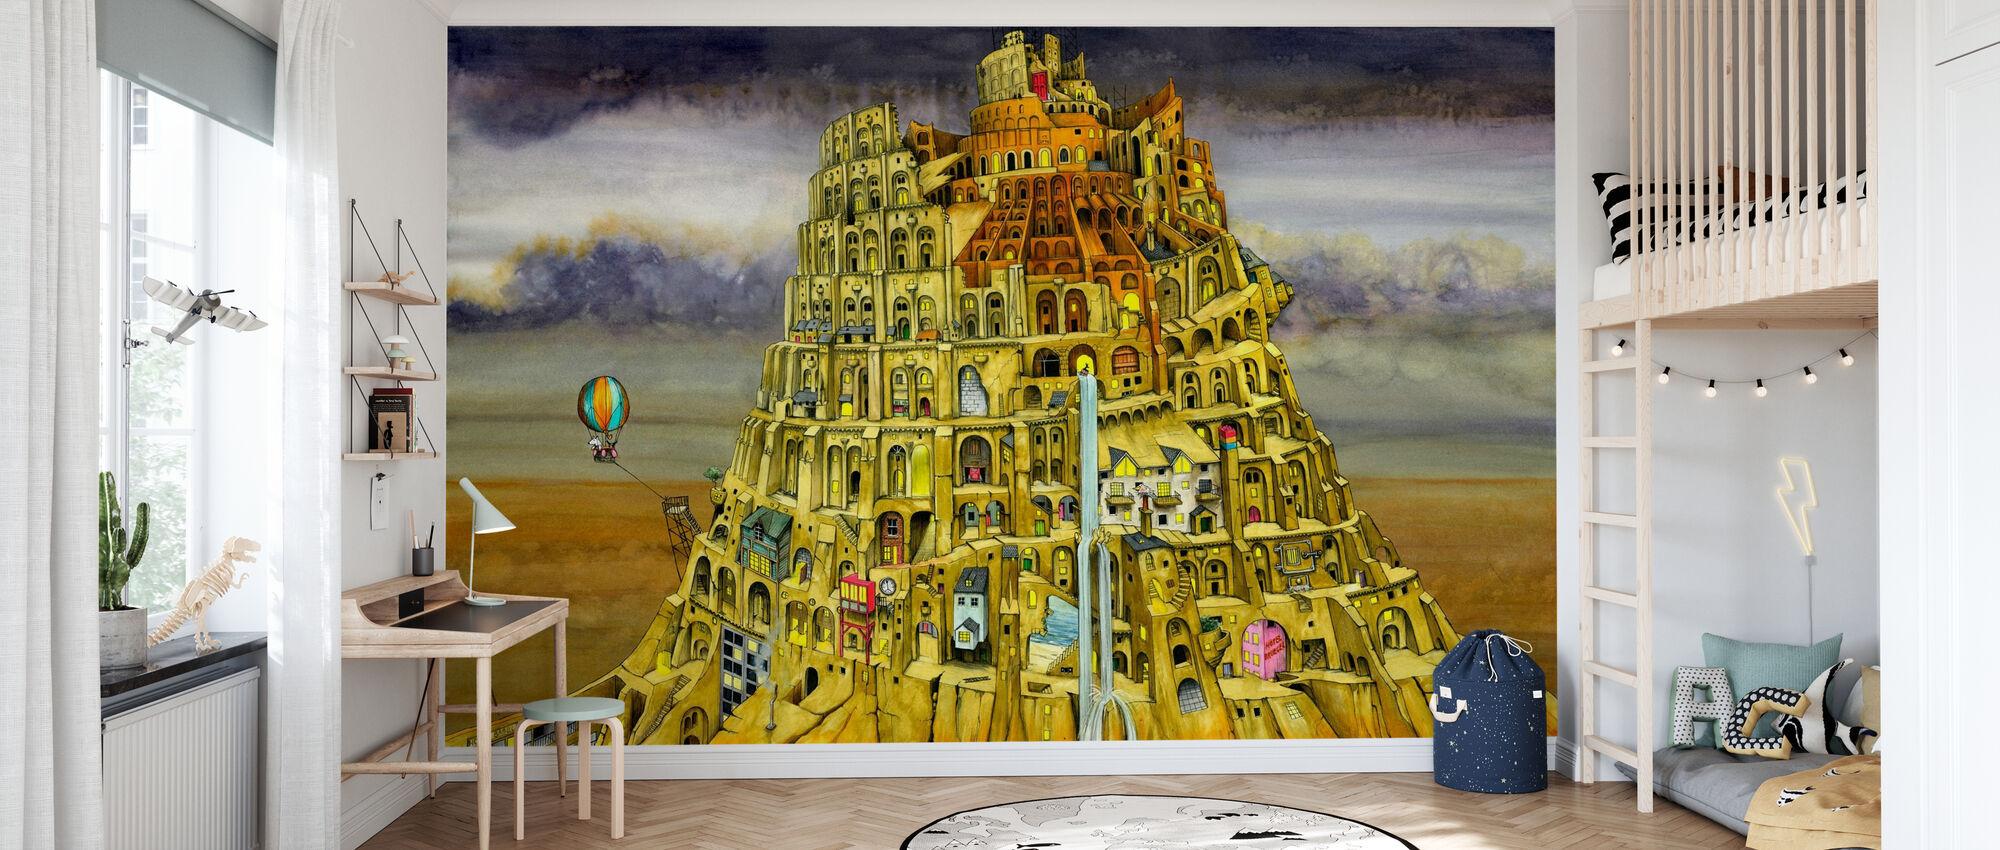 Babel - Tapete - Kinderzimmer